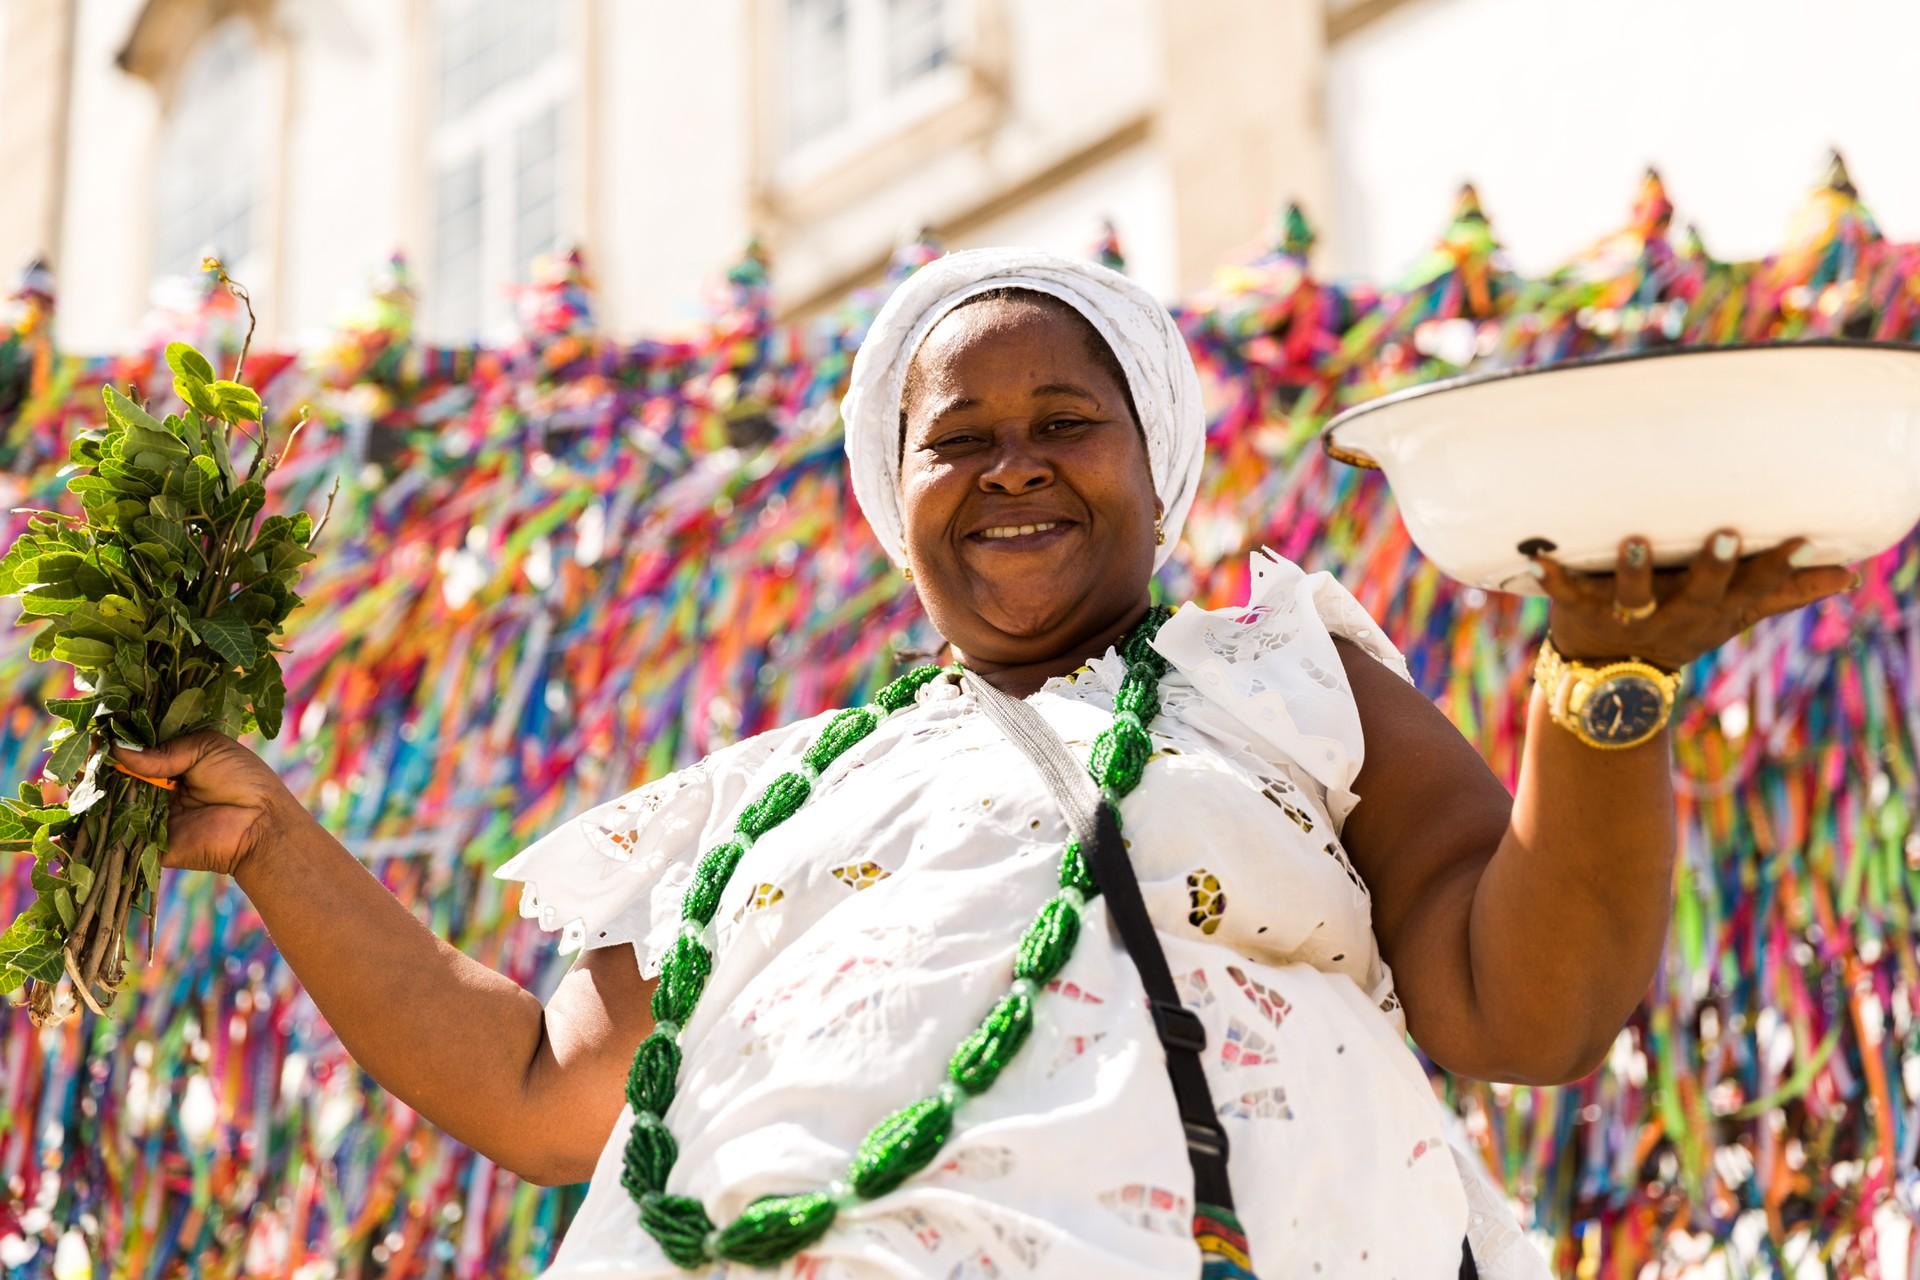 A priestess at the Lavagem do Bonfim celebration